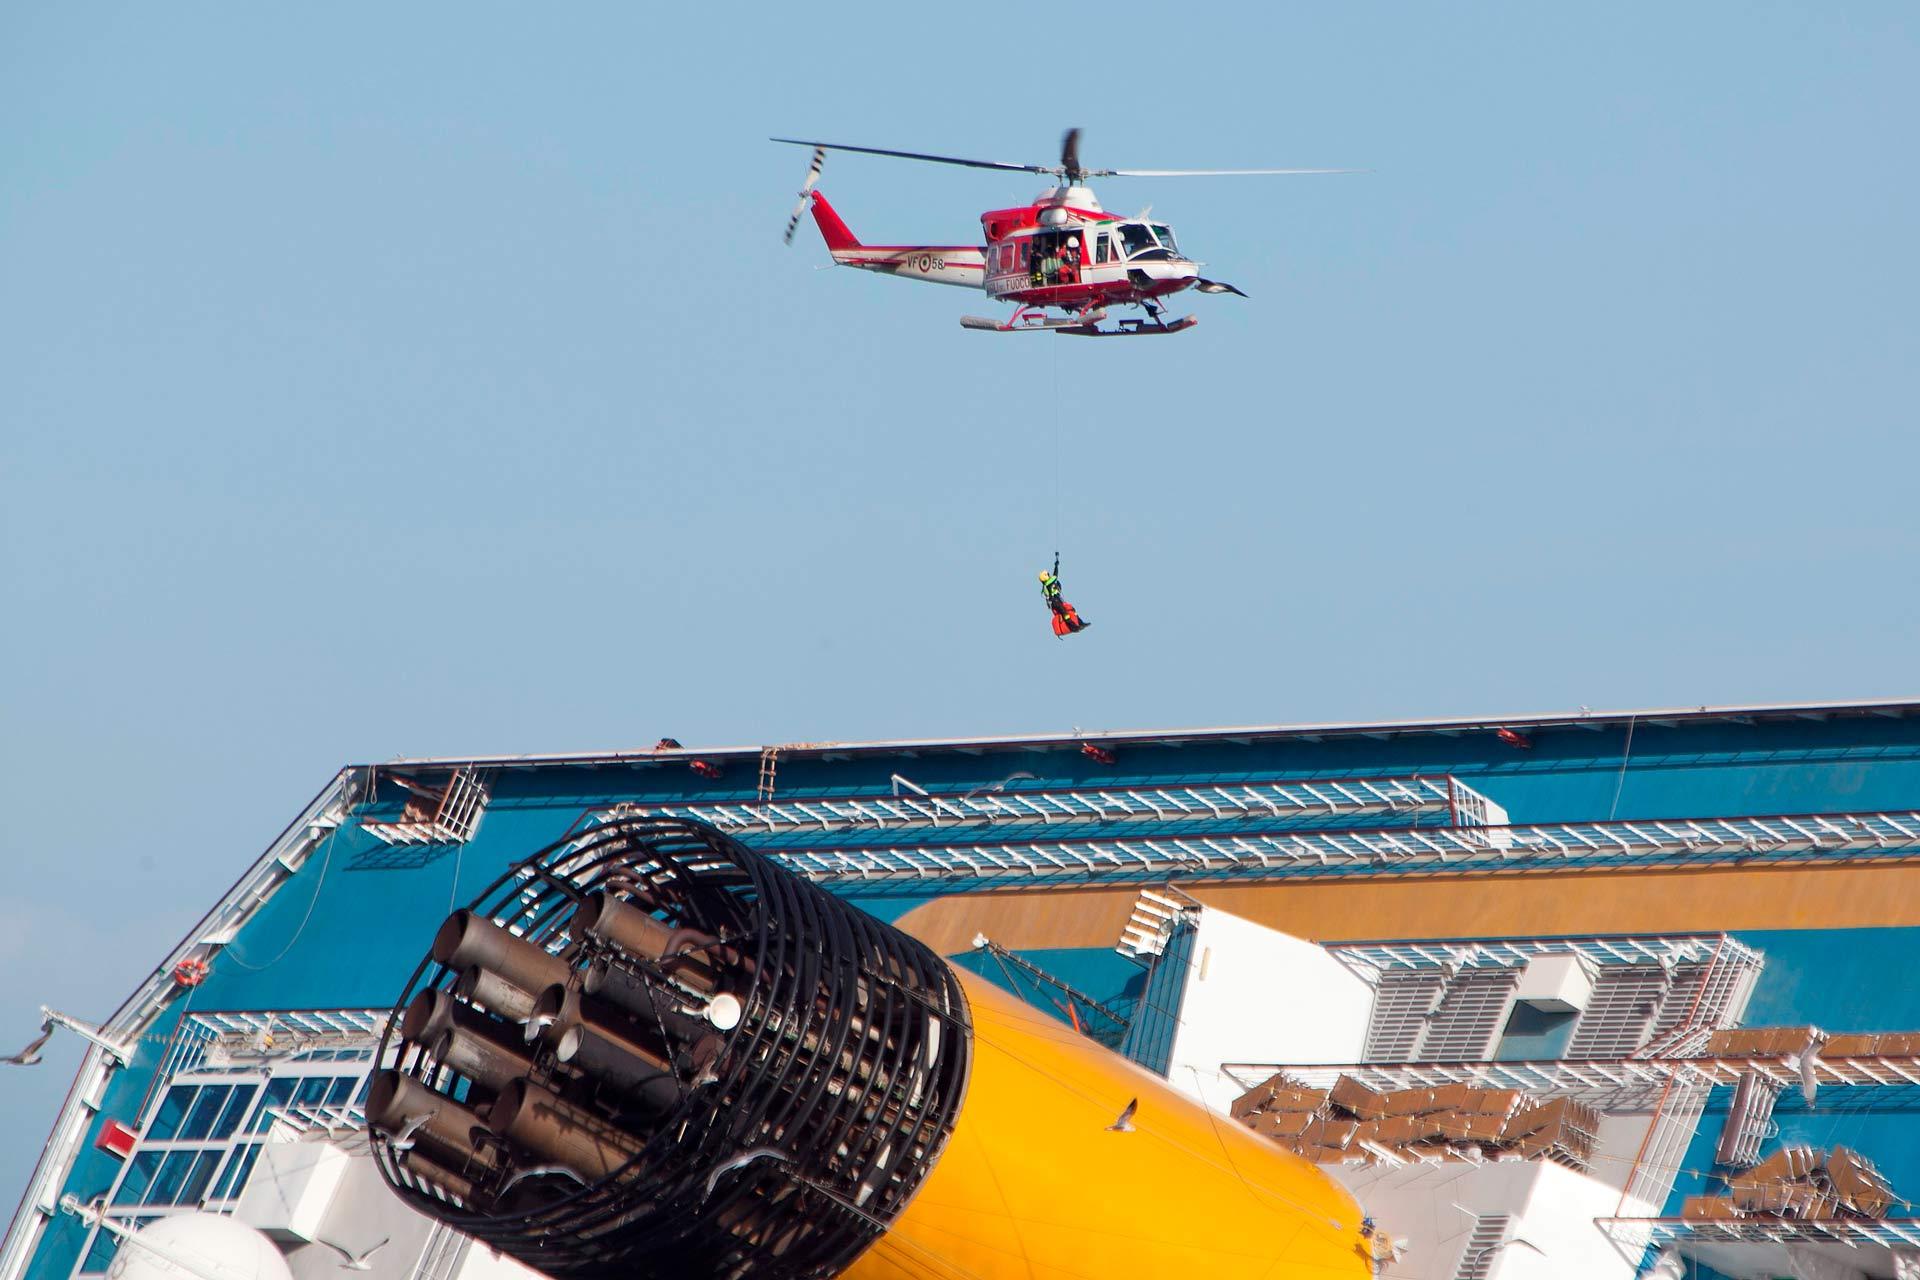 Il lavoro dei soccorritori ? andato avanti per diversi giorni con ritmi incessanti. Gli accessi al relitto avvenivano sia via acqua, sia via aerea dagli elicotteri dei vigili del fuoco.